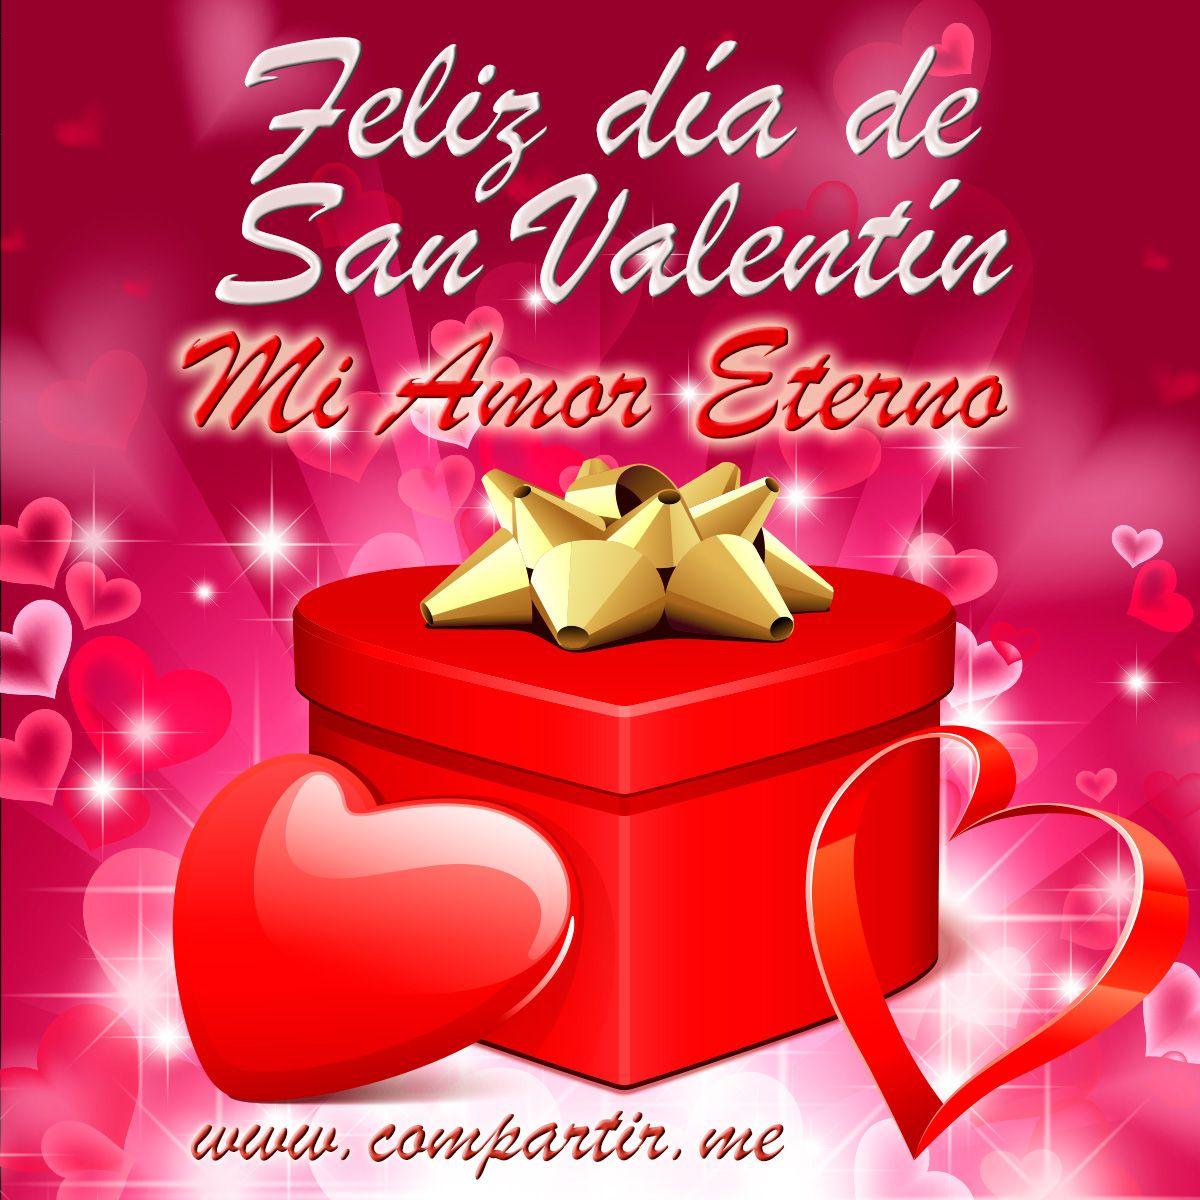 Las Imágenes Mas Bonitas Para Este Día De San Valentin El 14 De Febrero Se  Celebra San Valentín, Día Del Amoru2026 Y Para Todos A.